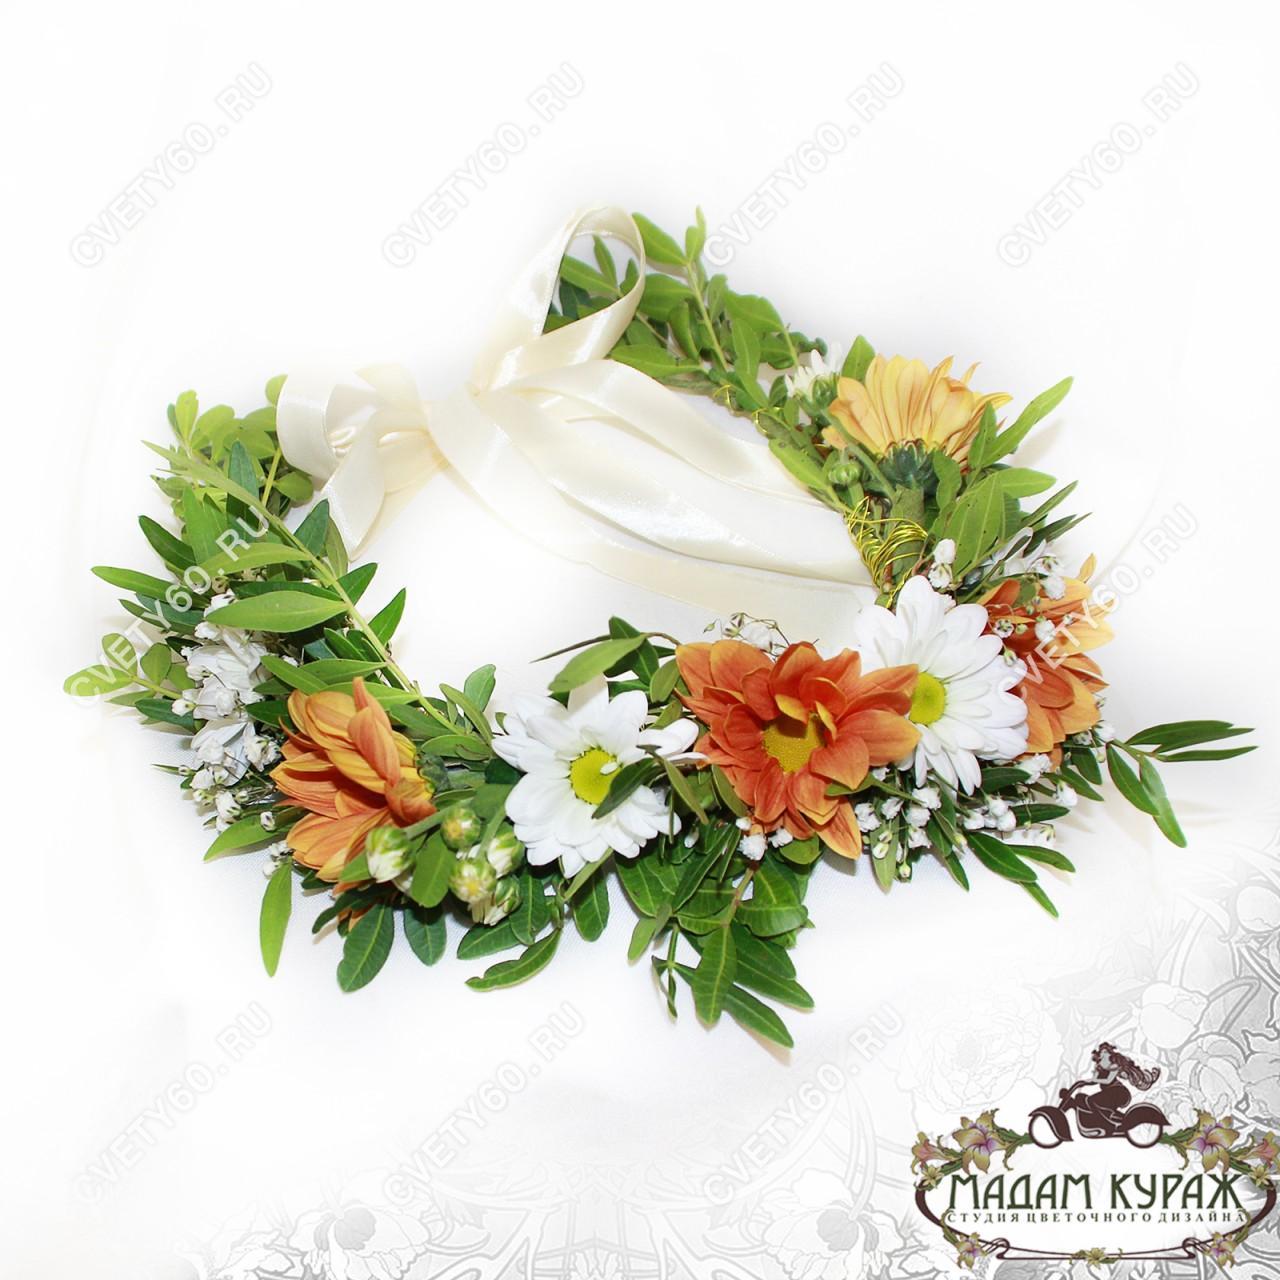 Украшение из цветов в виде венка для невесты в Пскове